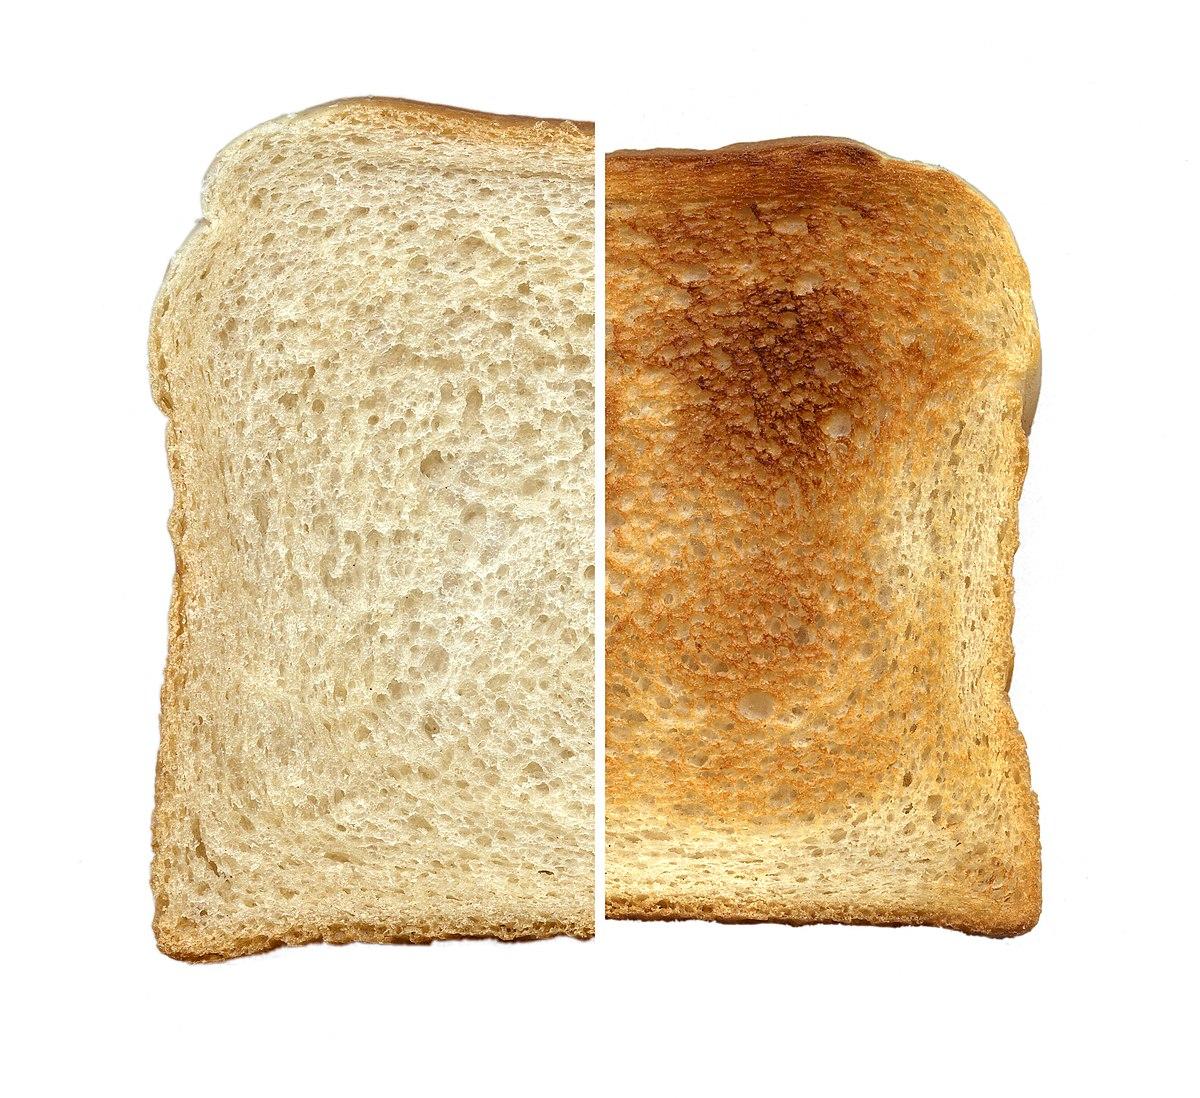 der oder das toast